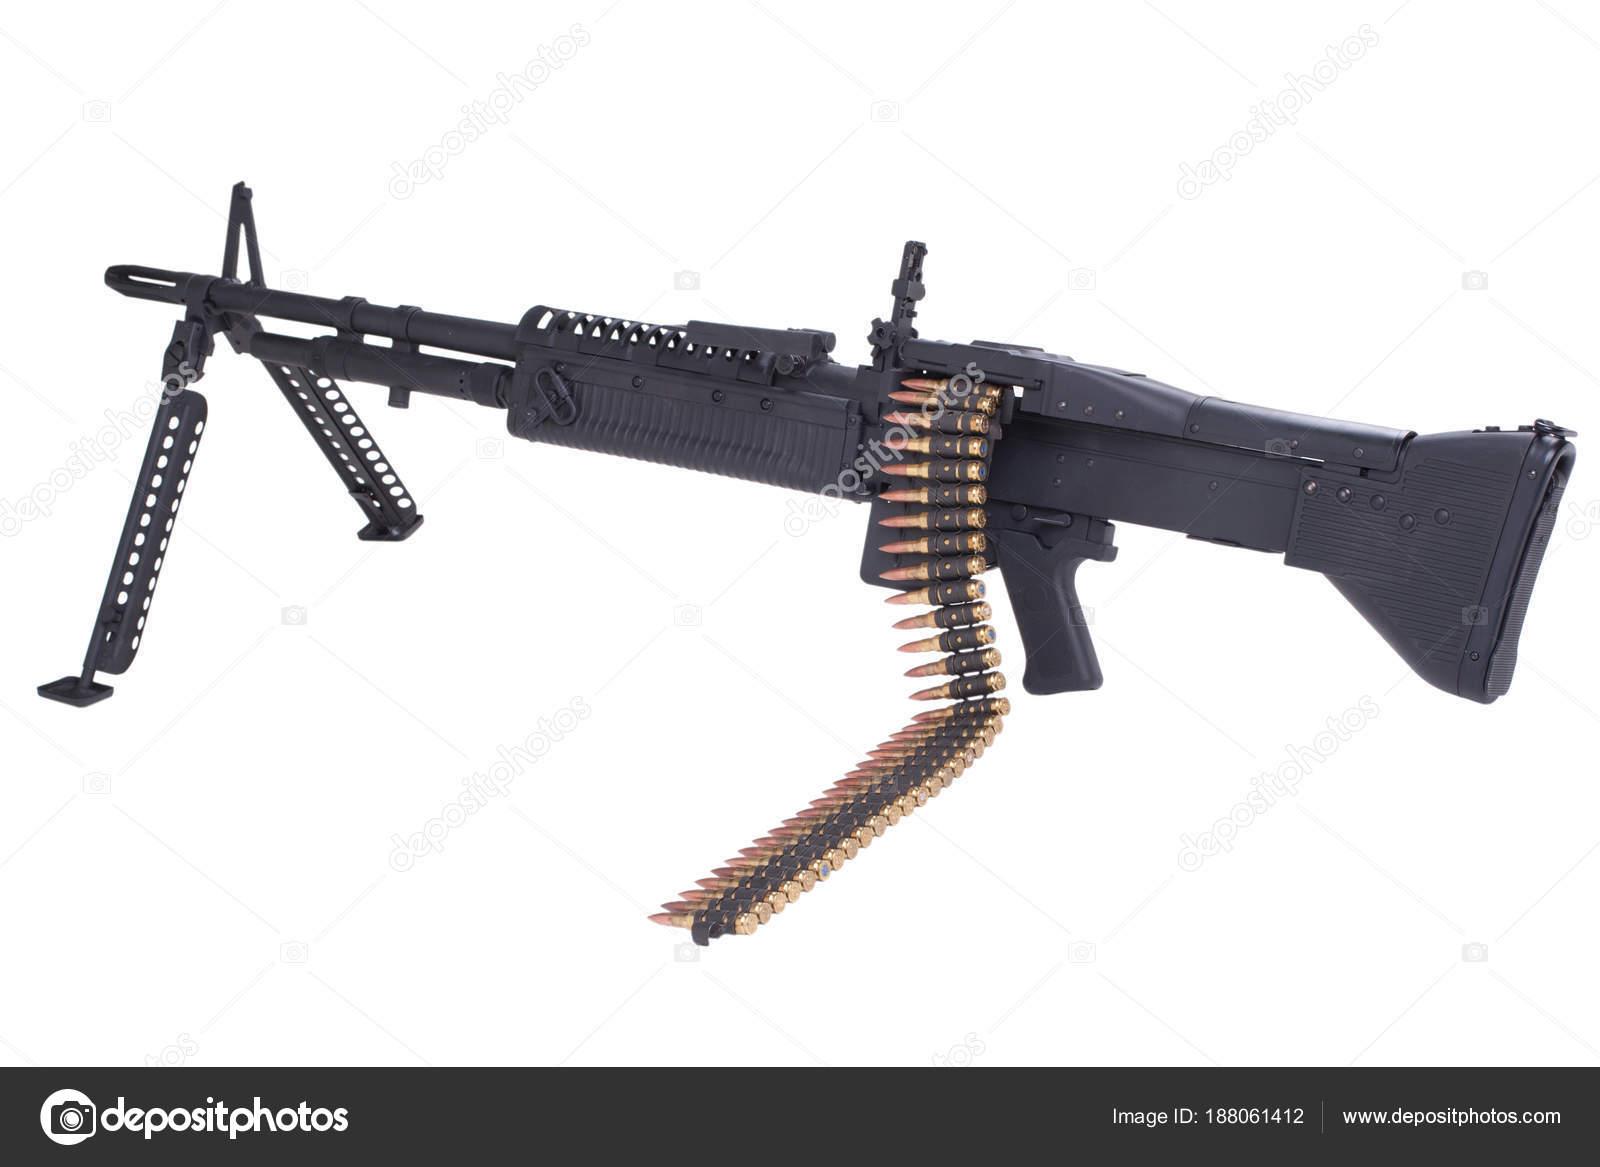 m60 machine gun with amminition tape stock photo zim90 188061412